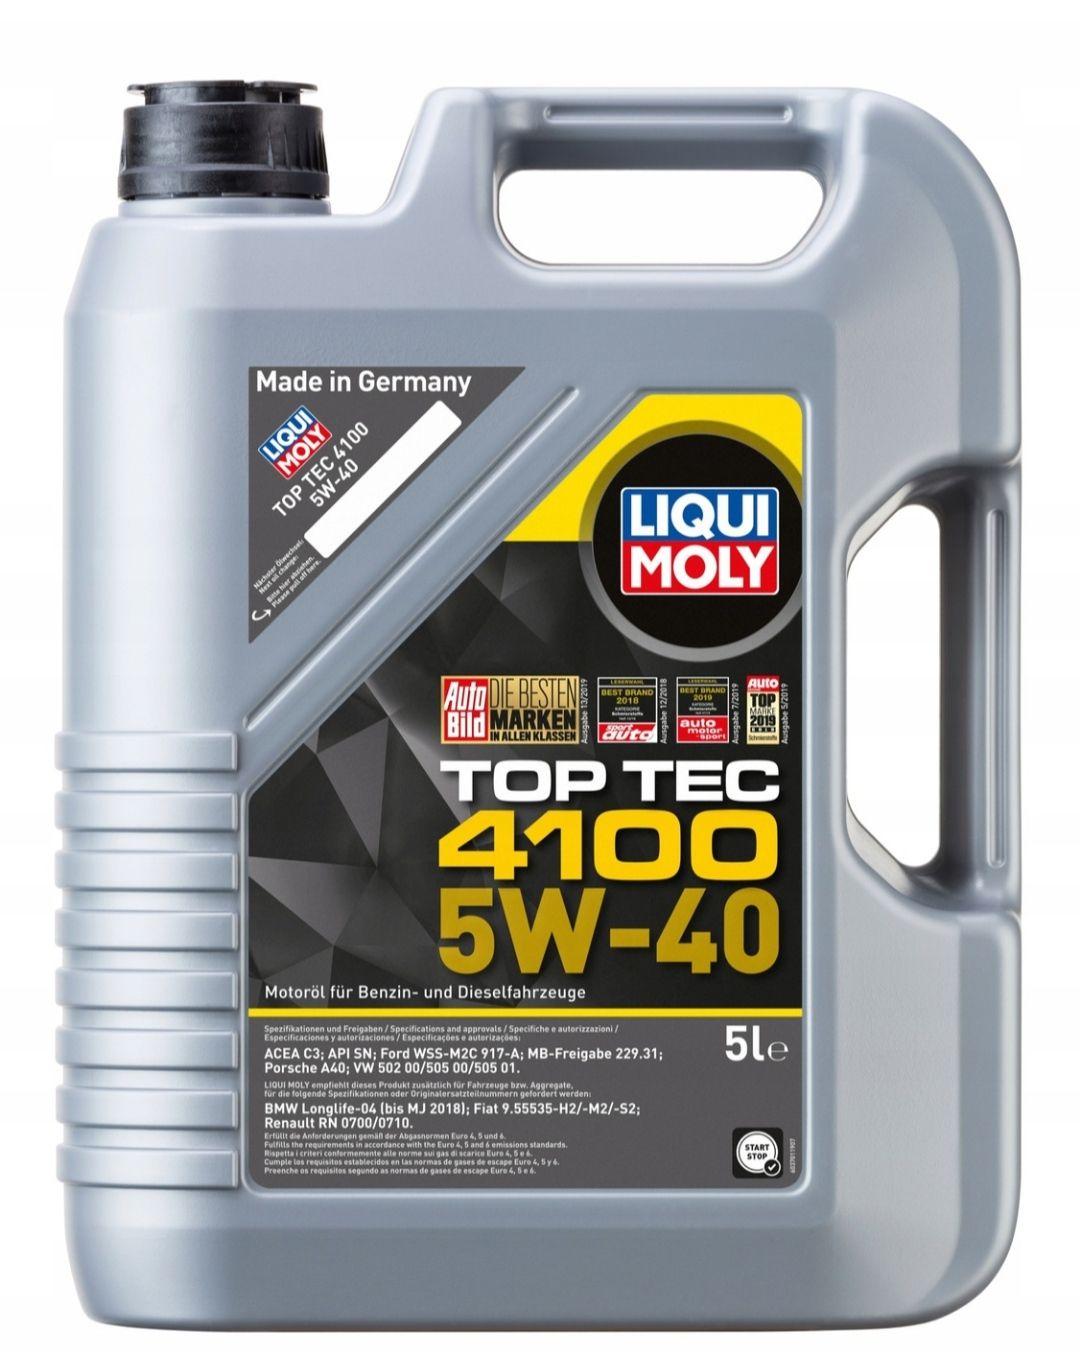 LIQUI MOLY TOP TEC 4100 5W40 5L 3701 2686 CNG LPG